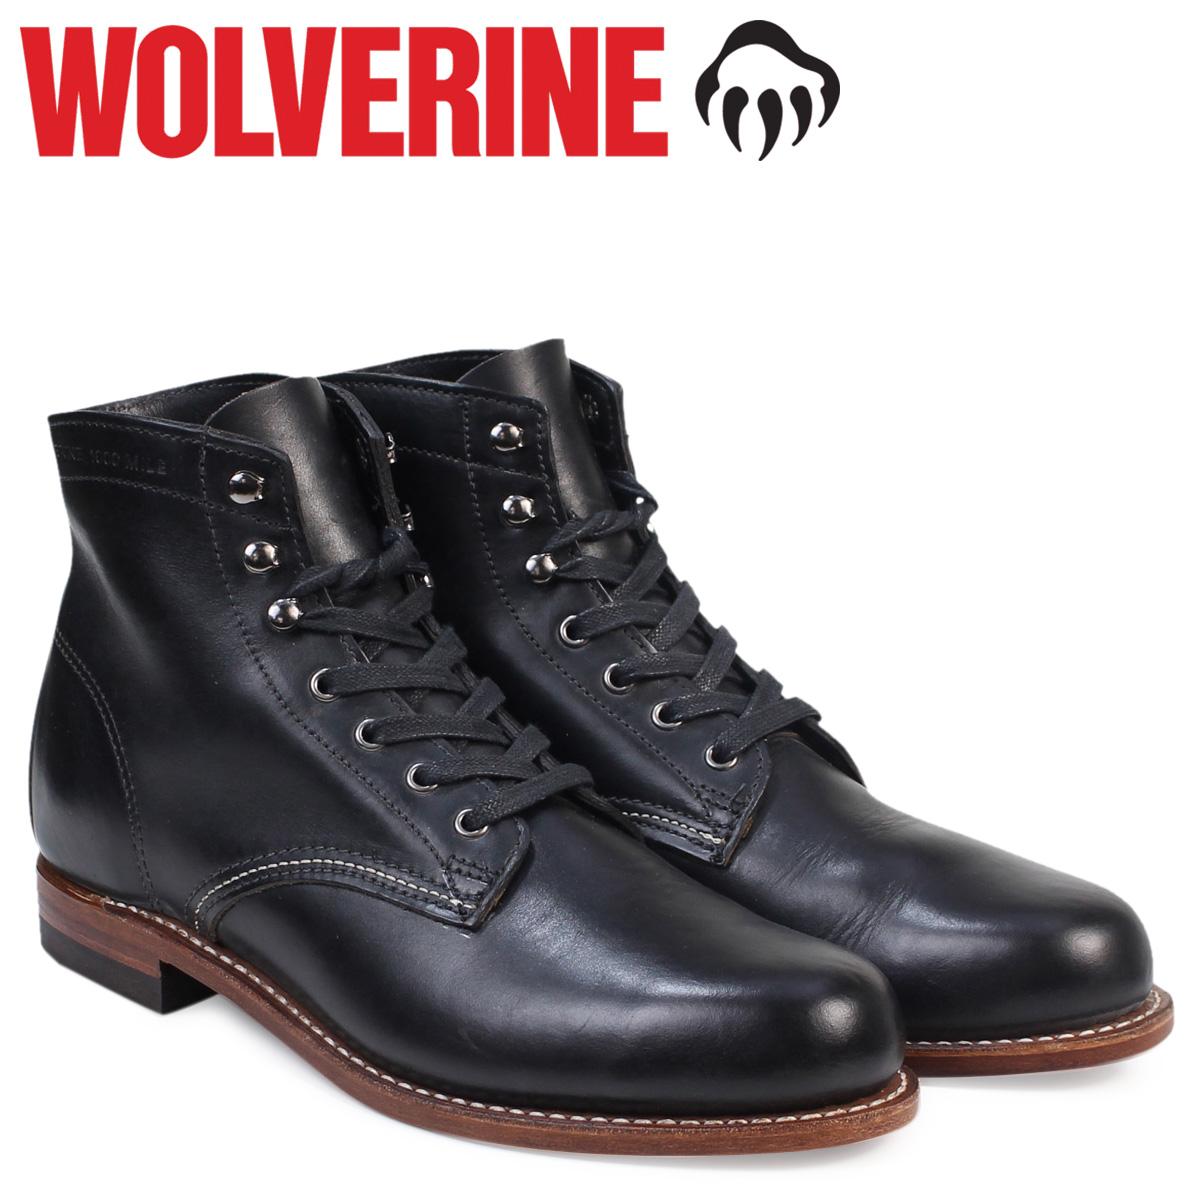 【最大2000円OFFクーポン】 WOLVERINE ウルヴァリン 1000マイル ブーツ メンズ 1000 MILE BOOT Dワイズ W05300 ブラック ワークブーツ